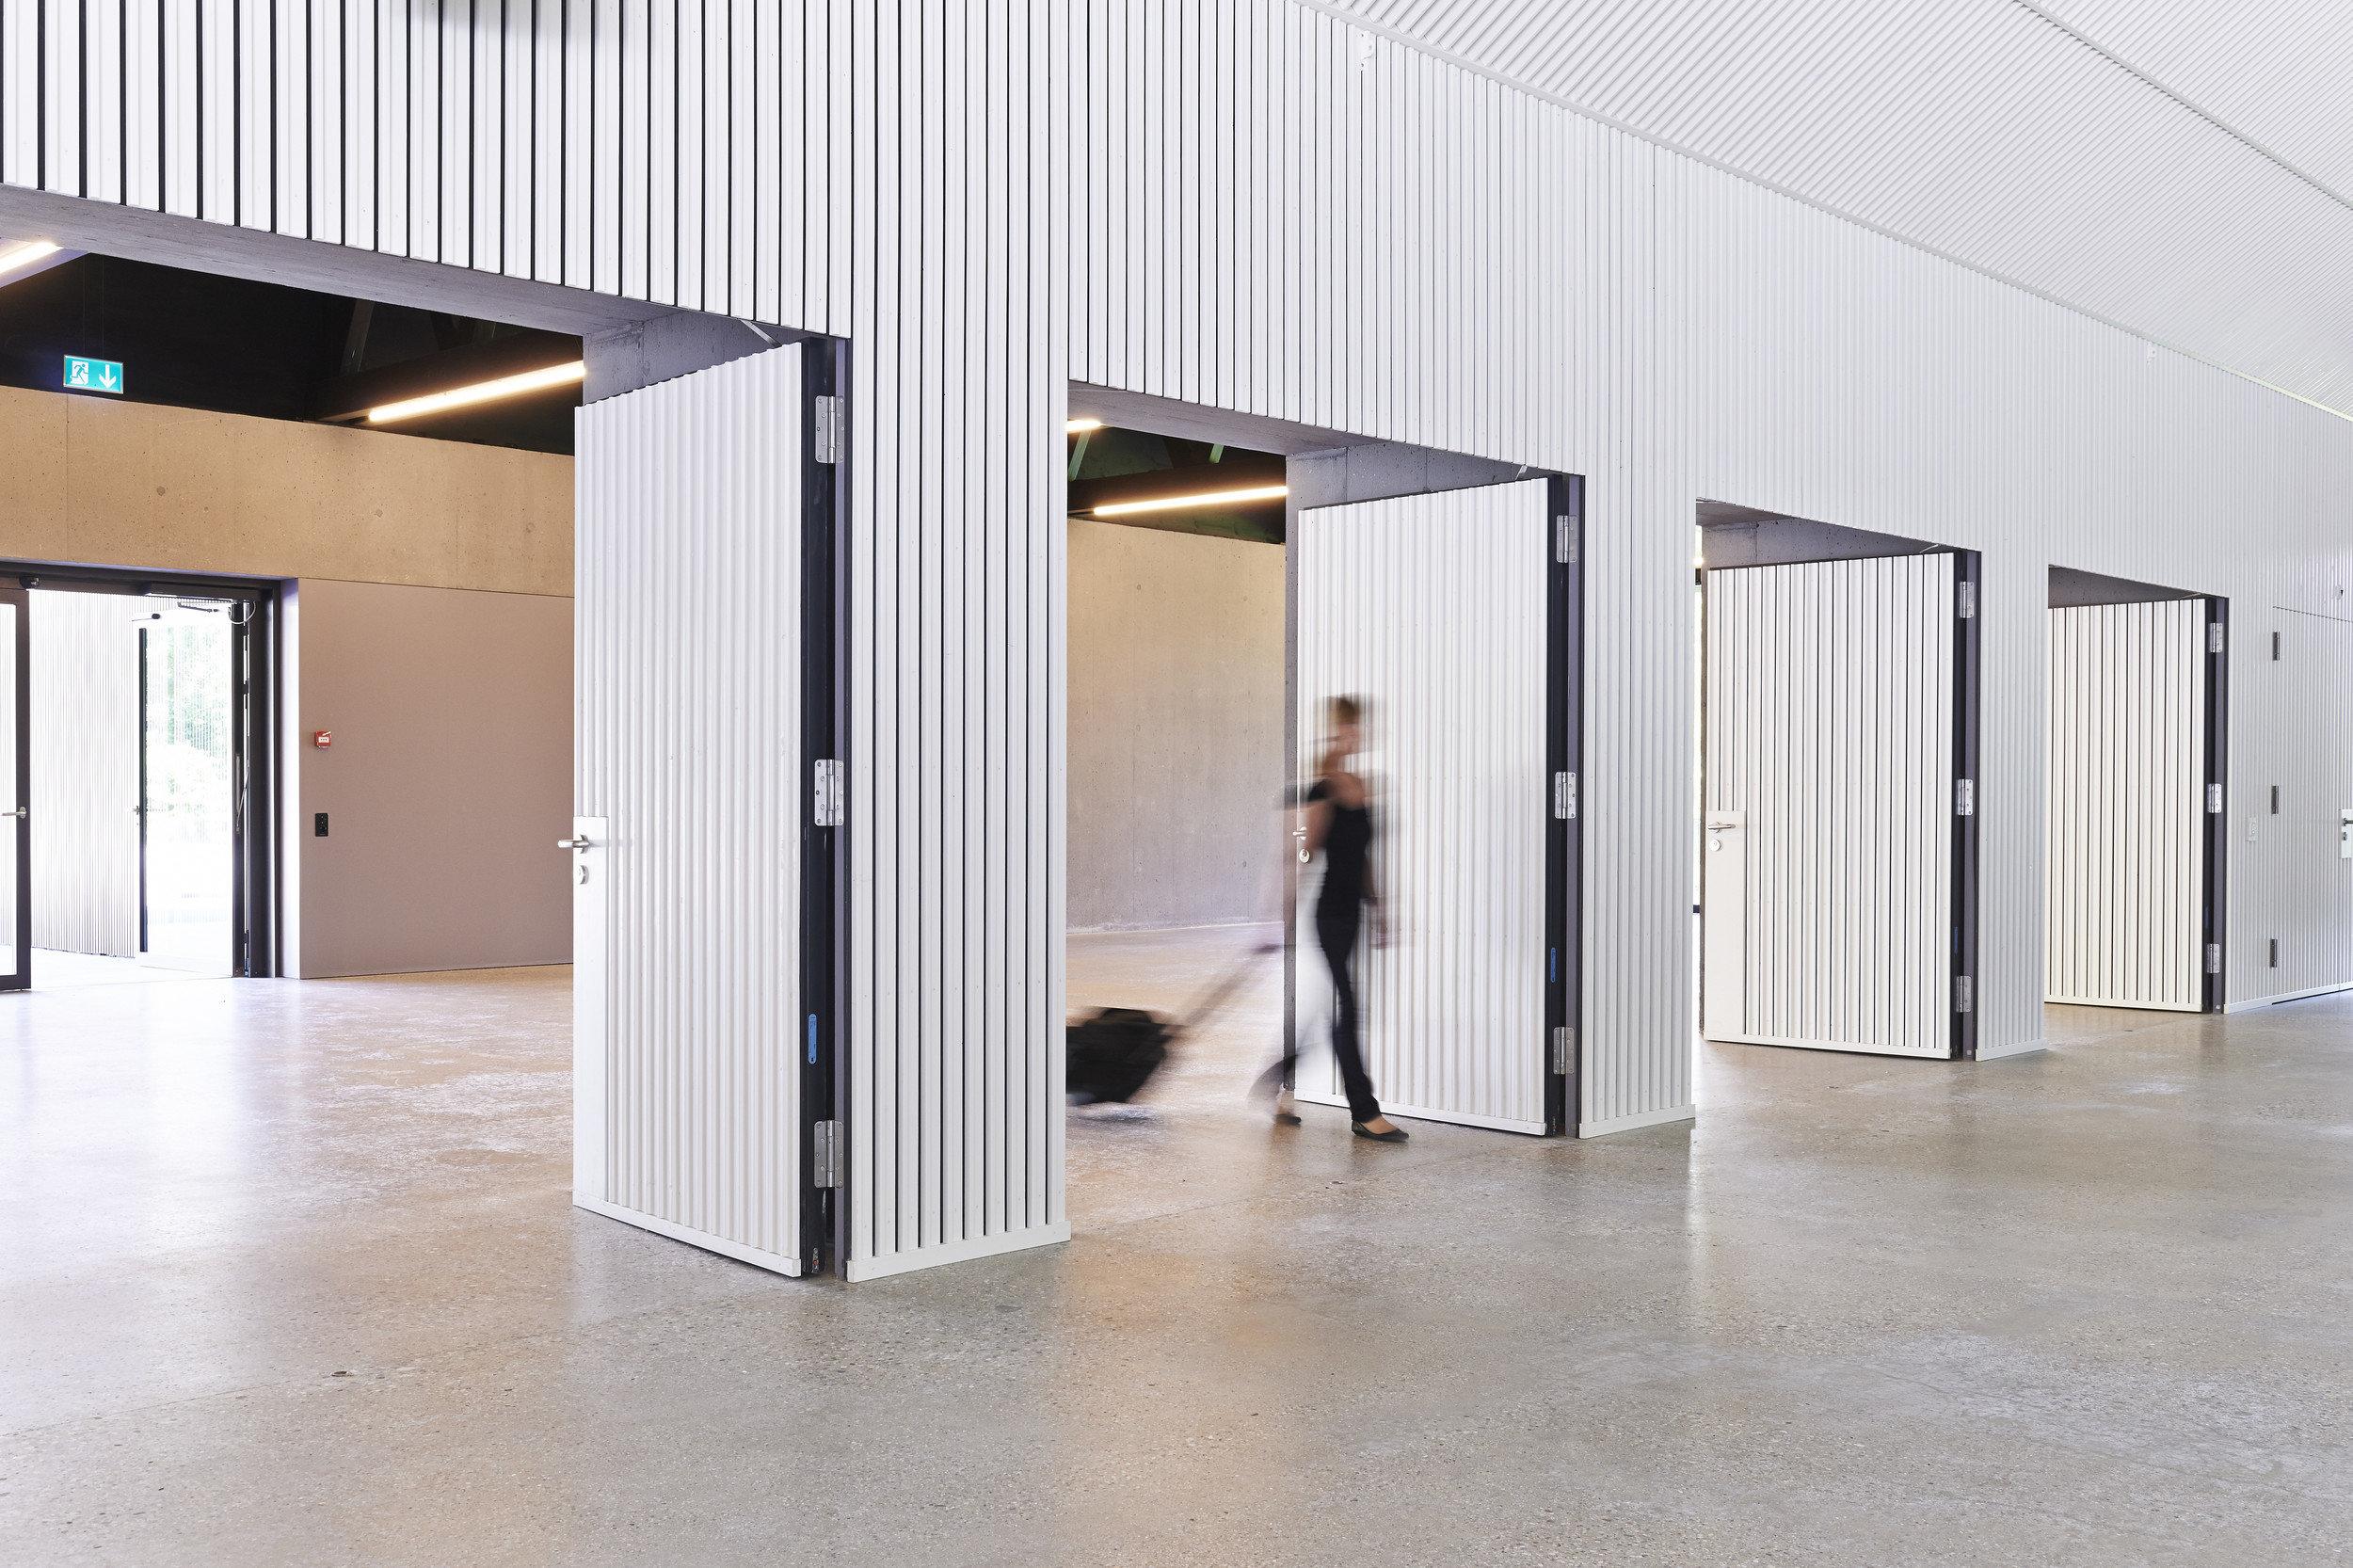 4 zweiflügelige weisse Brandschutztüren Richtung Ausgang geöffnet in hellem Design